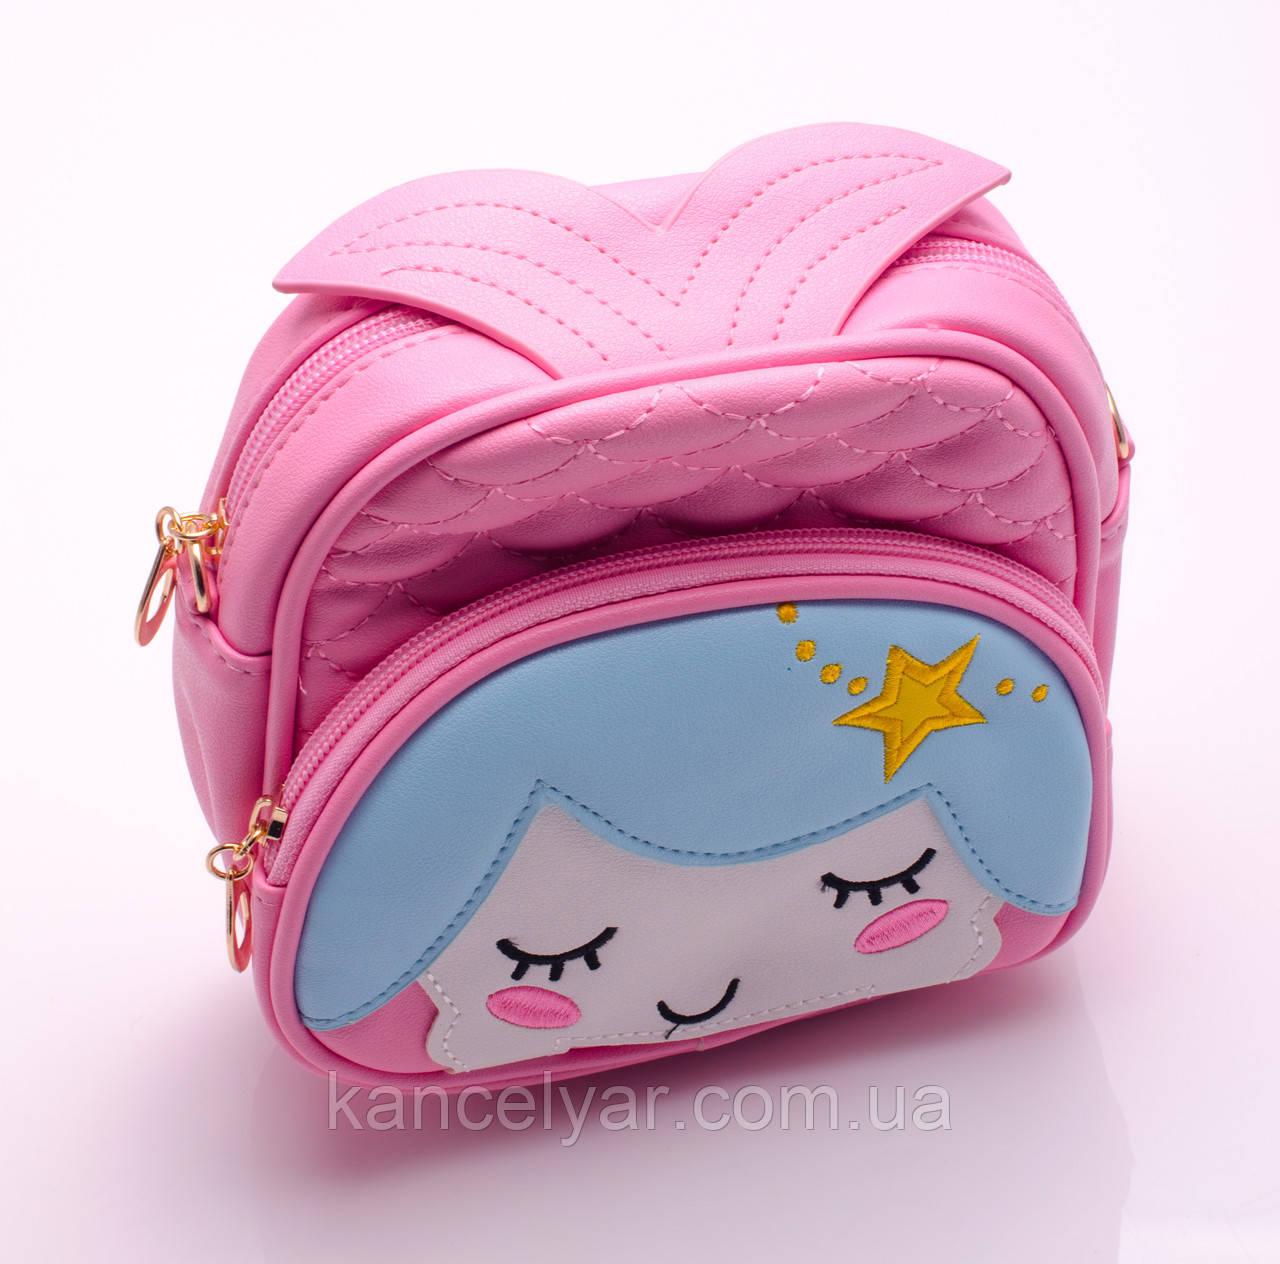 Рюкзак детский, 18х15х8 см